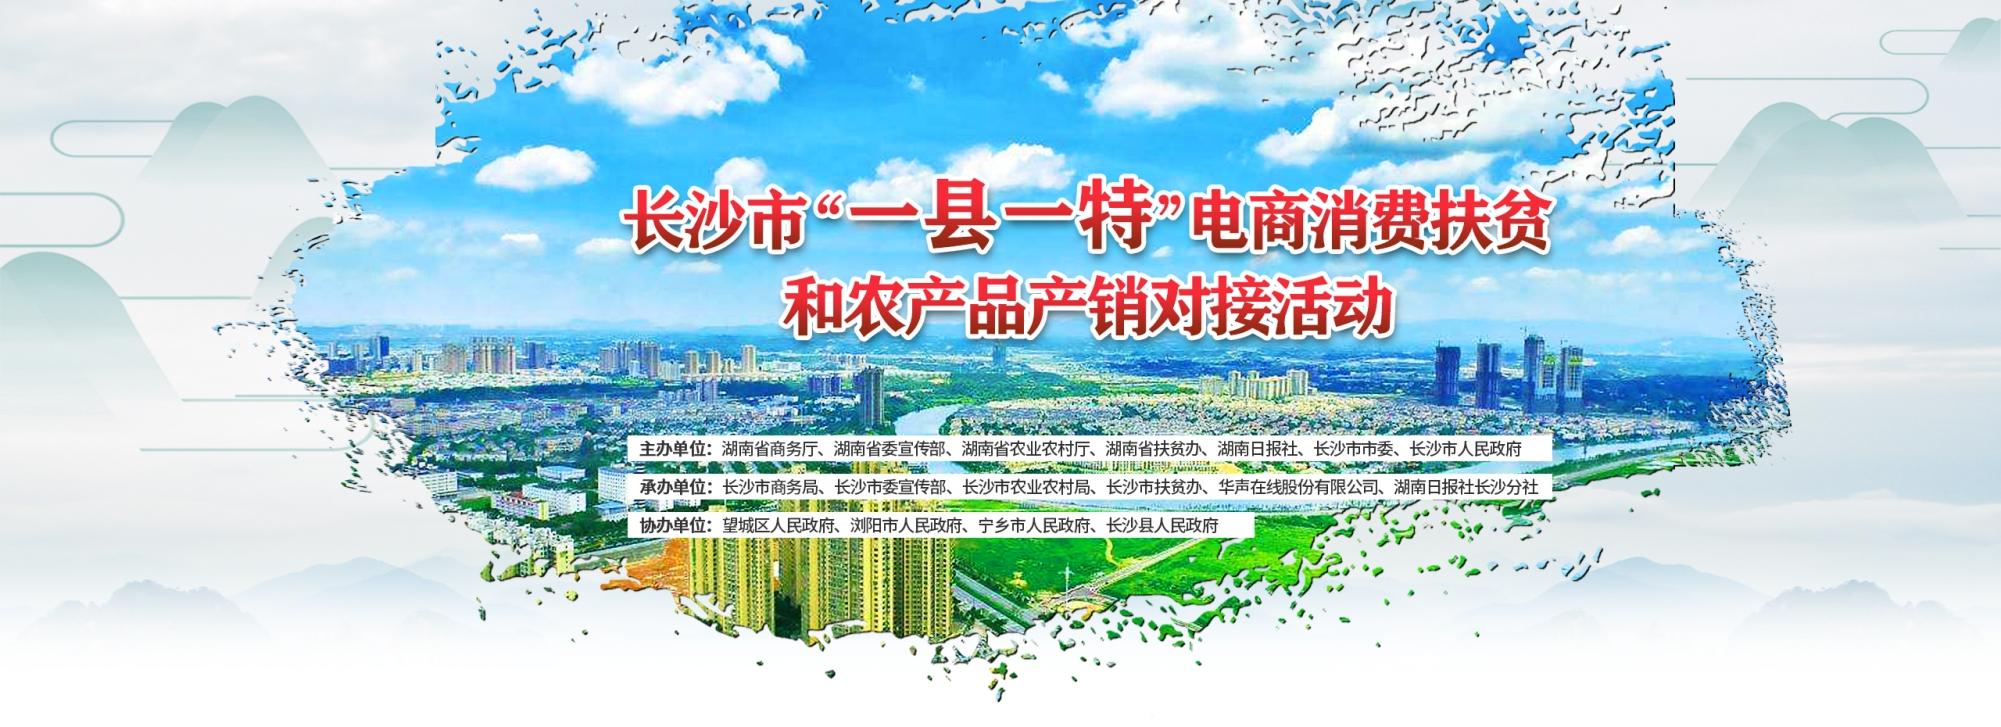 """华声直播>>2019年长沙市""""一县一特""""电商消费扶贫和农产品产销开幕式"""